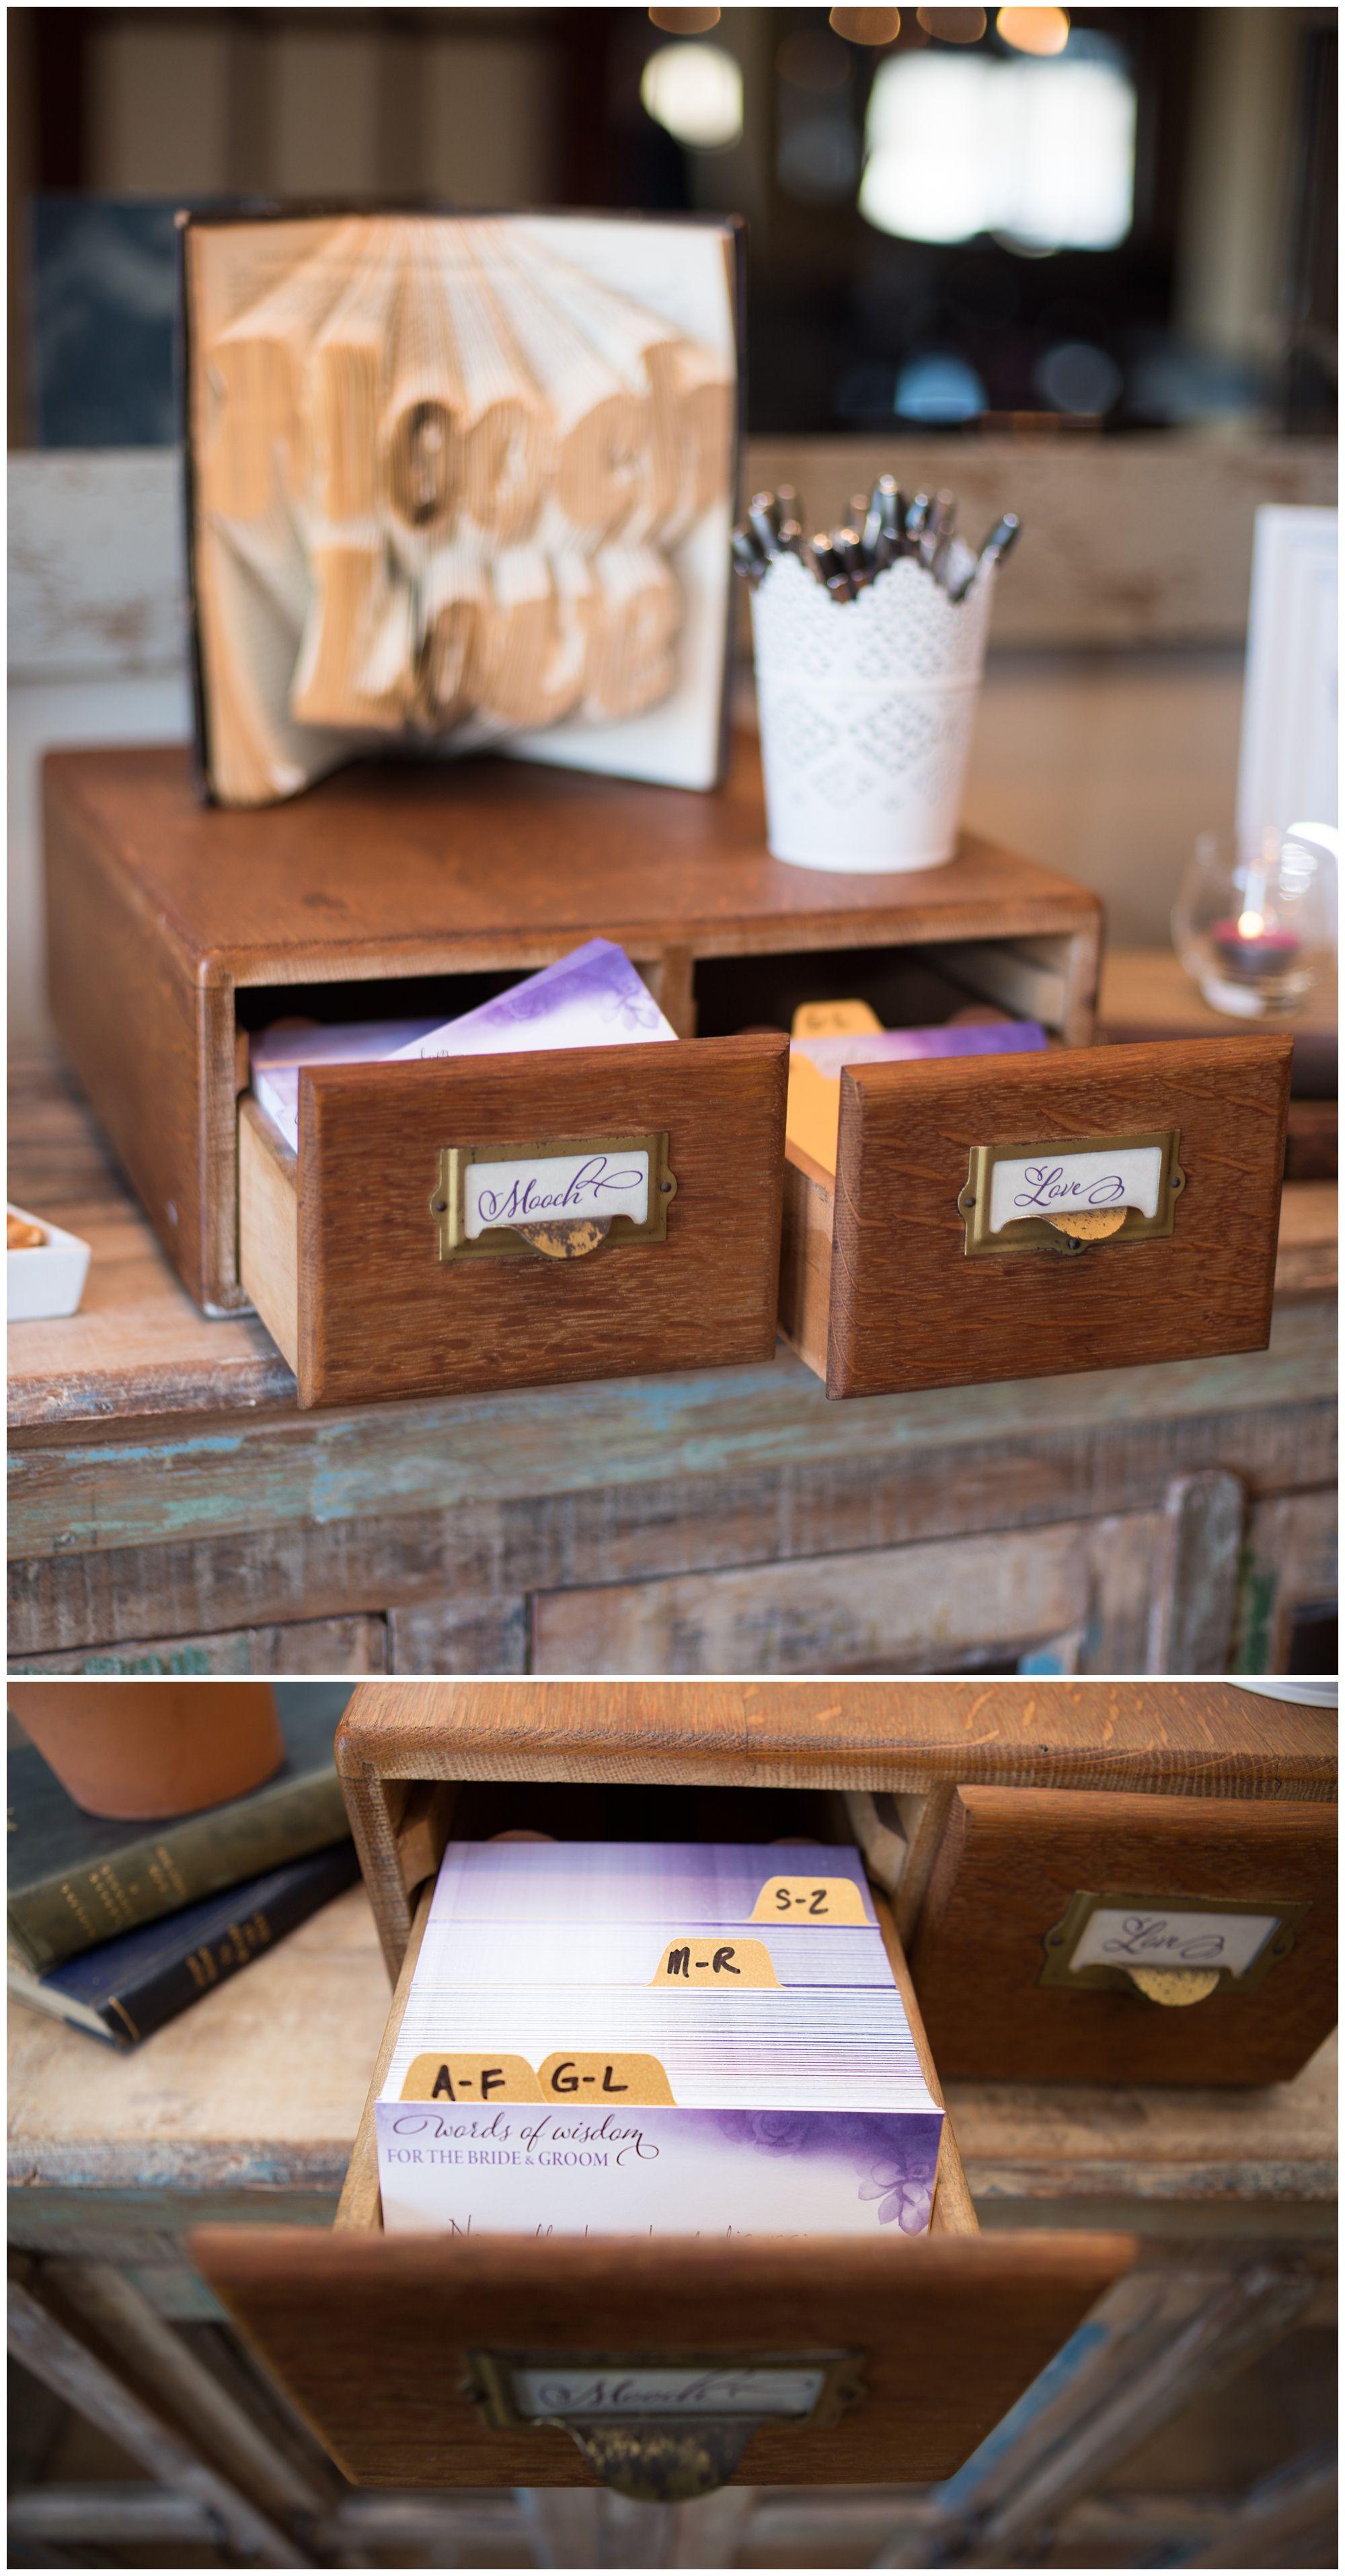 Wedding Guest Book Ideas Alternatives Unique Diy Non Traditional Creative Vintage Library C Creative Guest Book Wedding Guest Book Card Catalog Diy